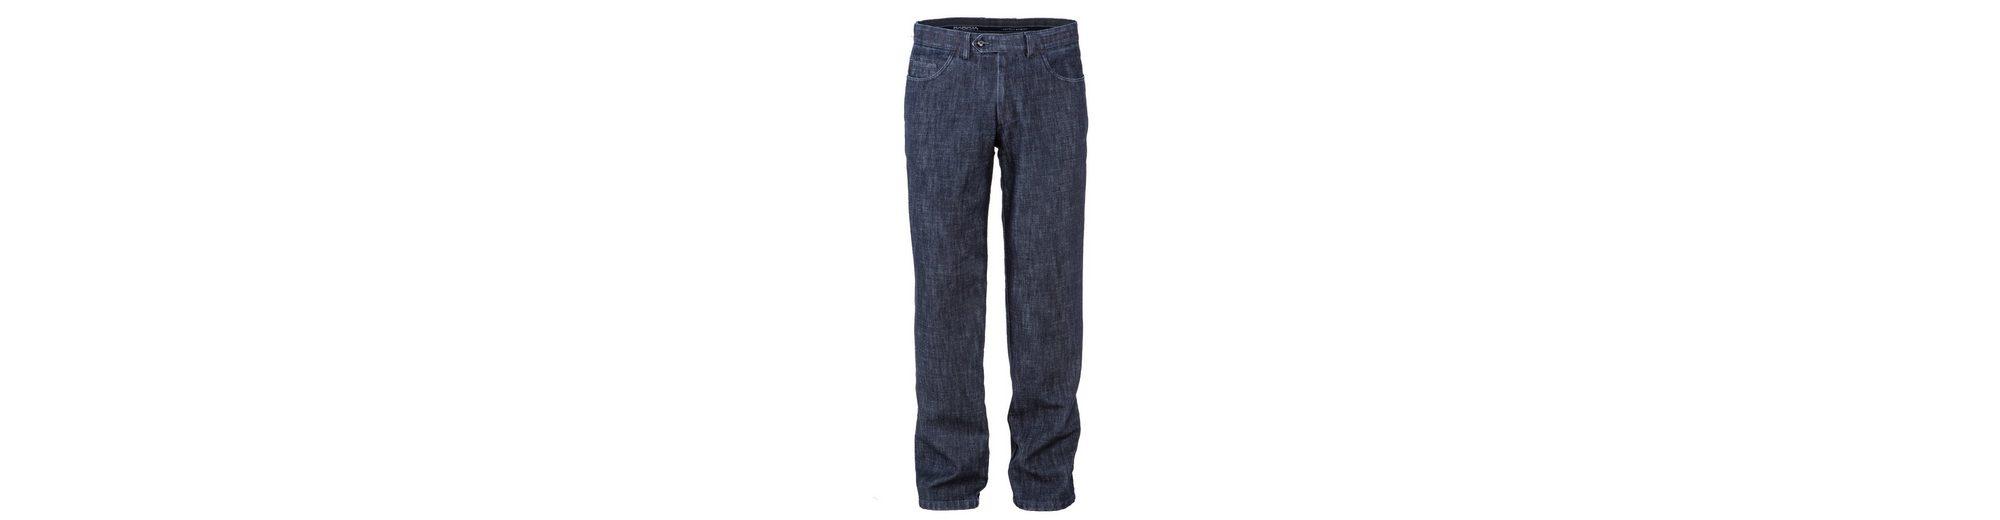 Babista Jeans in wärmender Qualität Bester Verkauf Zum Verkauf Neue Ankunft Art Und Weise Komfortabel Günstiger Preis Schnelle Lieferung Günstig Online gj6KWxr9m